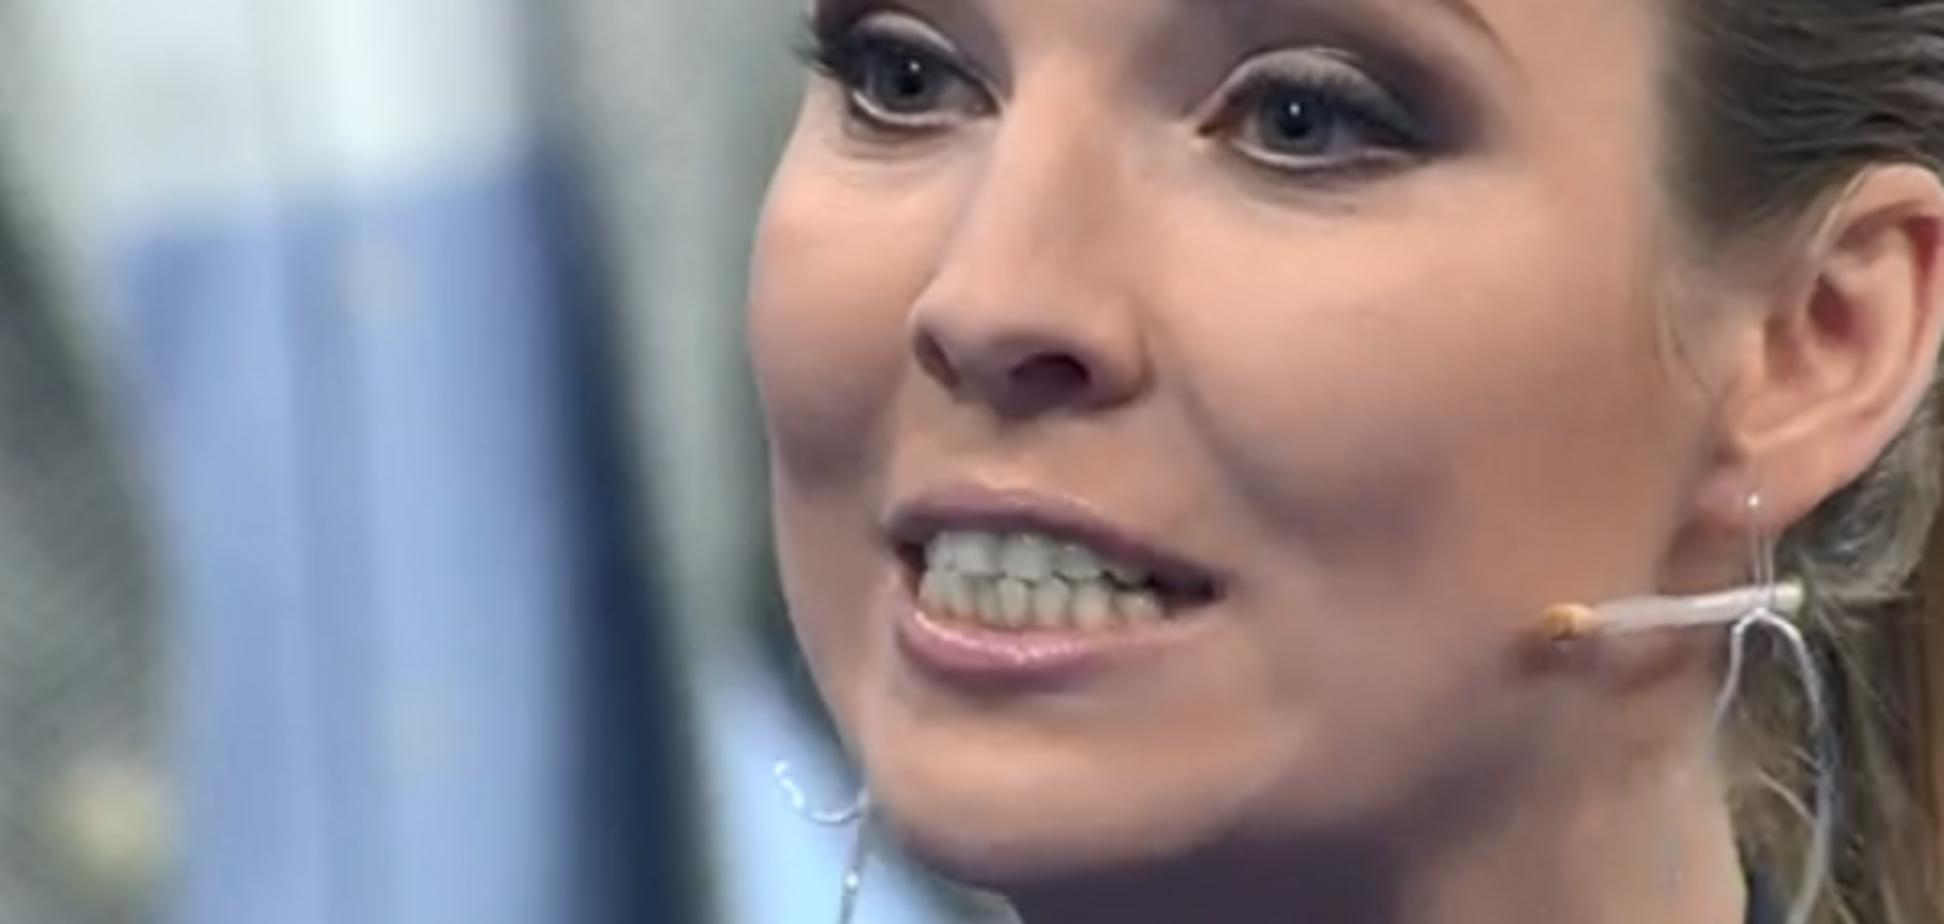 'Братский народ развлекается': пропагандистка Путина взбесилась из-за 'б*ндеровского' Ленина в Украине